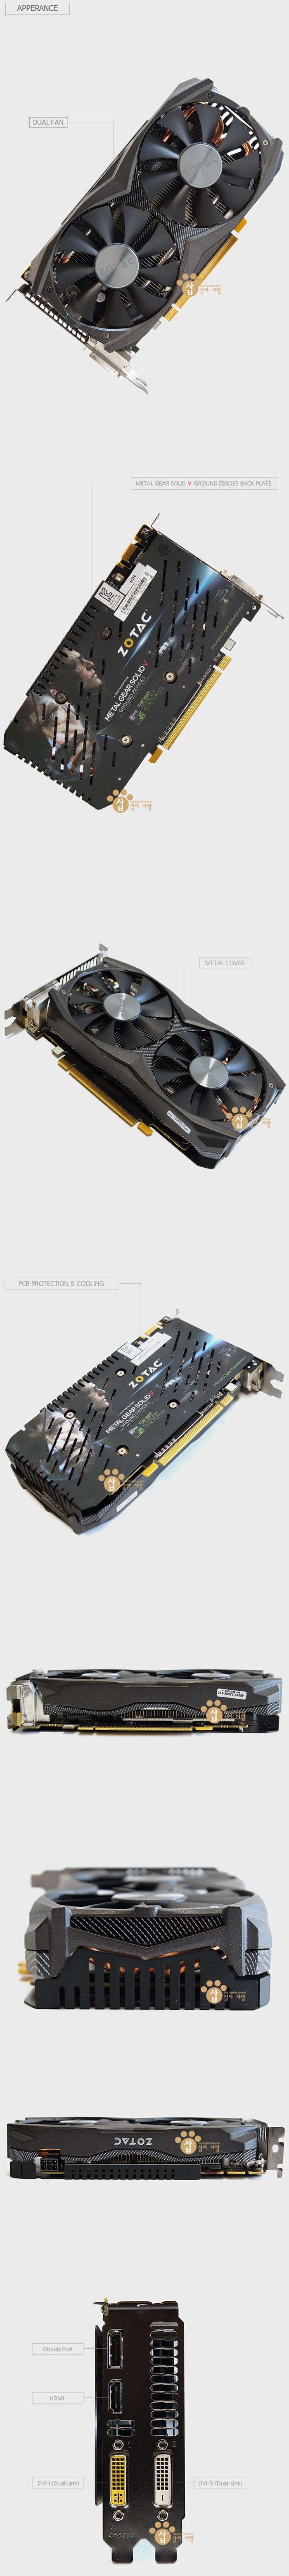 GTX960외형 조텍 지포스 GTX960 AMP! 아이스스톰 D5 2GB.jpg